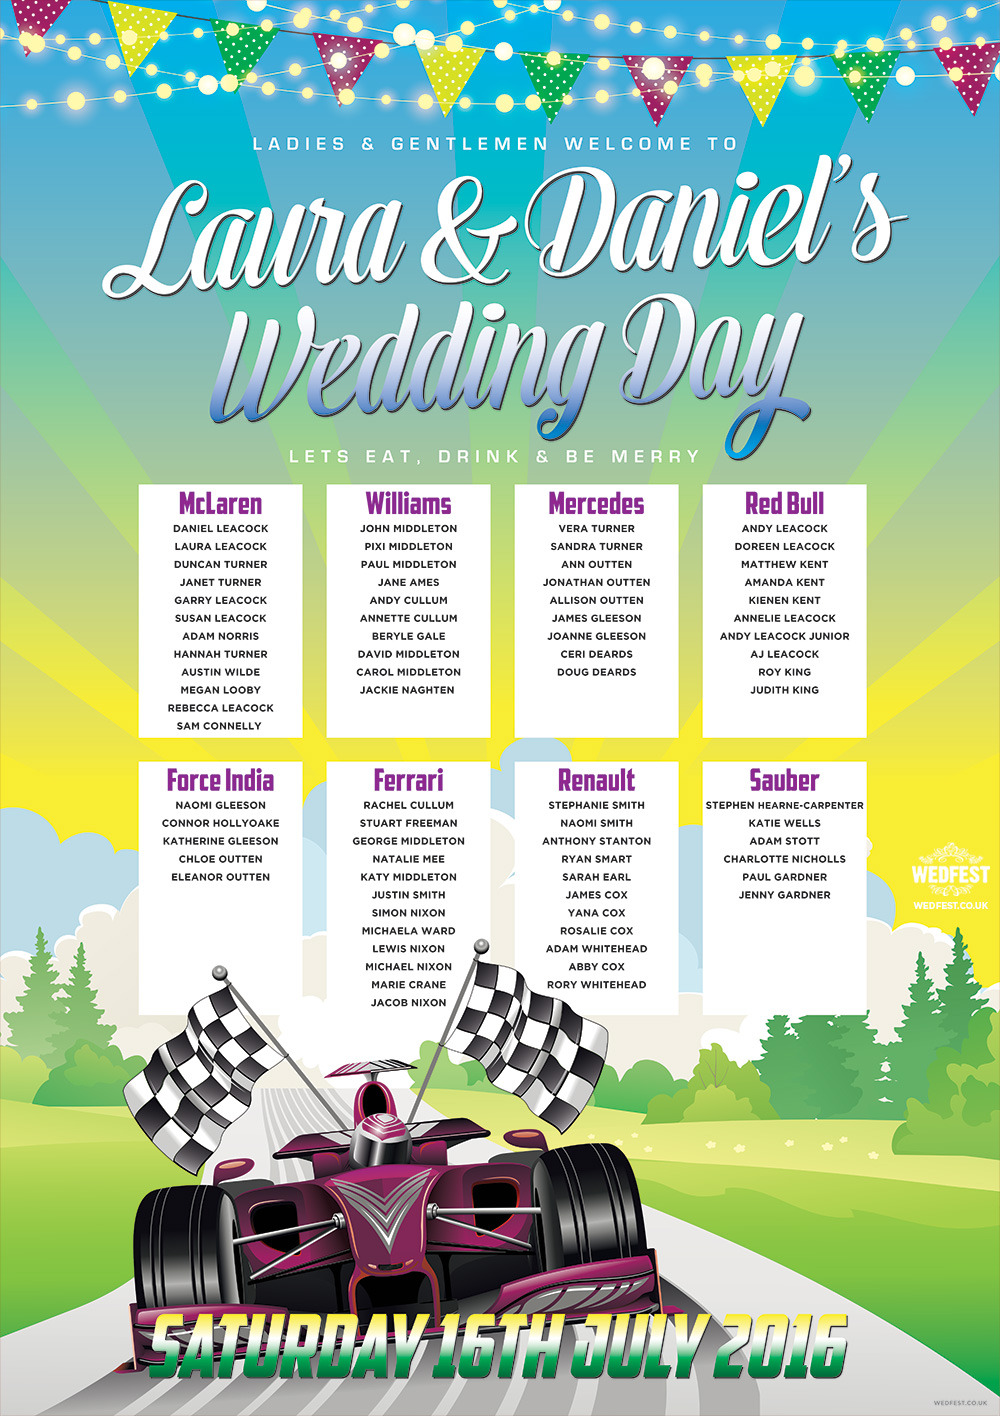 formula 1 wedding table seating plan